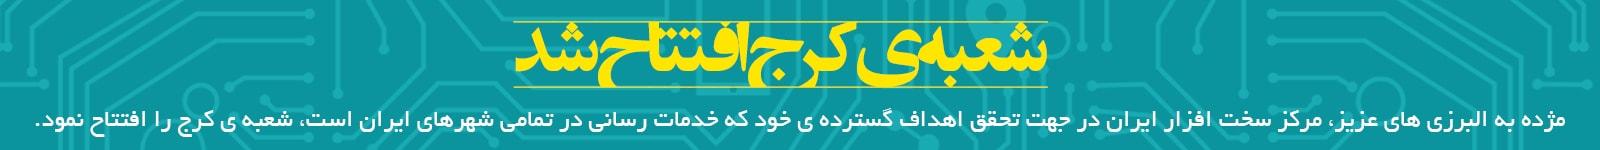 نمایندگی مرکز سخت افزار ایران شعبه کرج